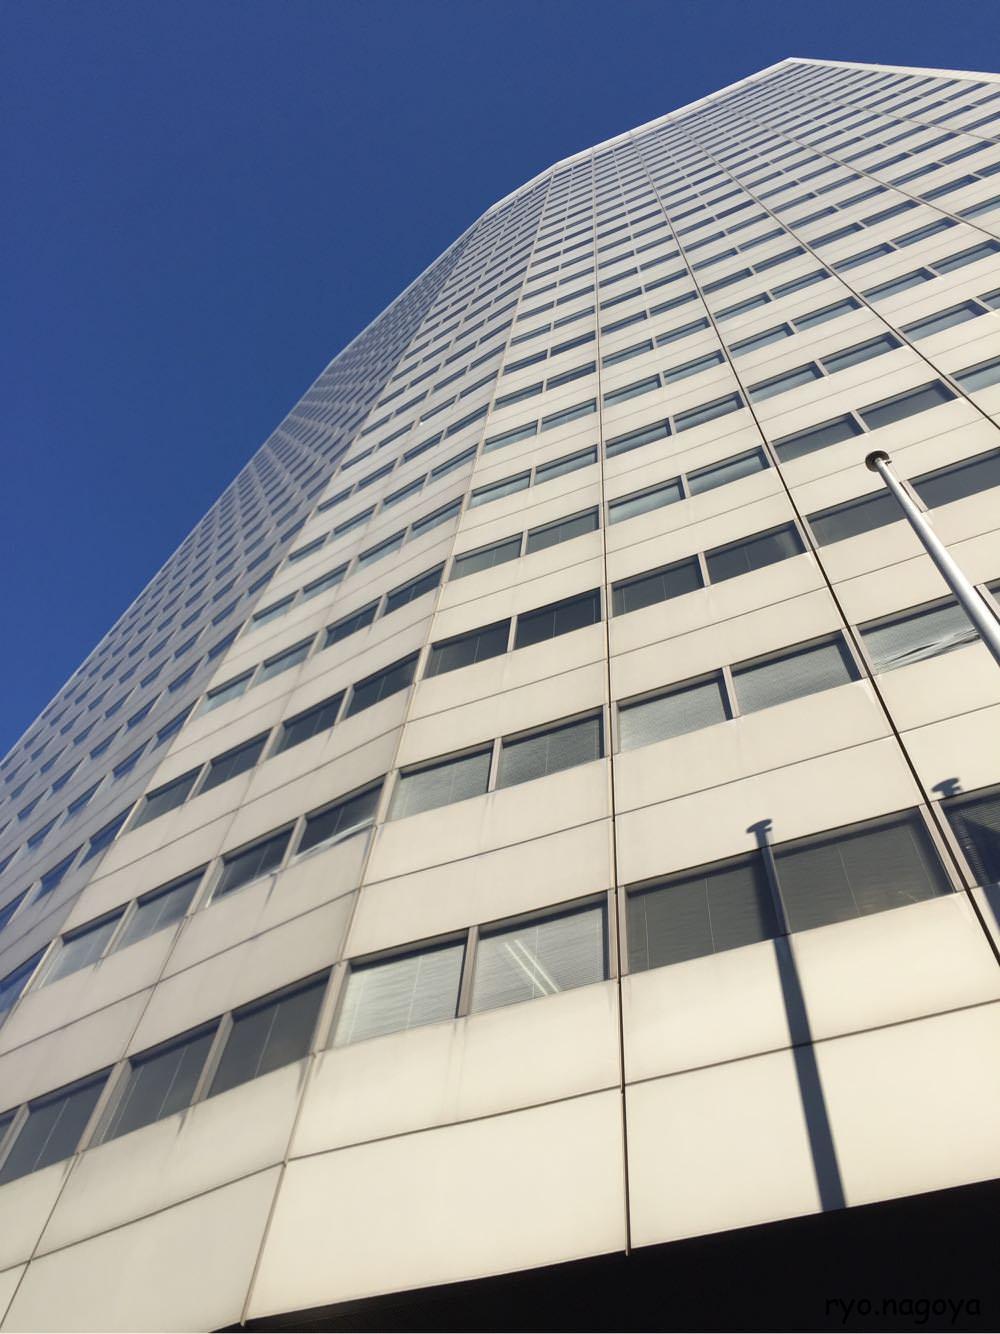 国際センタービルとても高かった( ゚д゚)